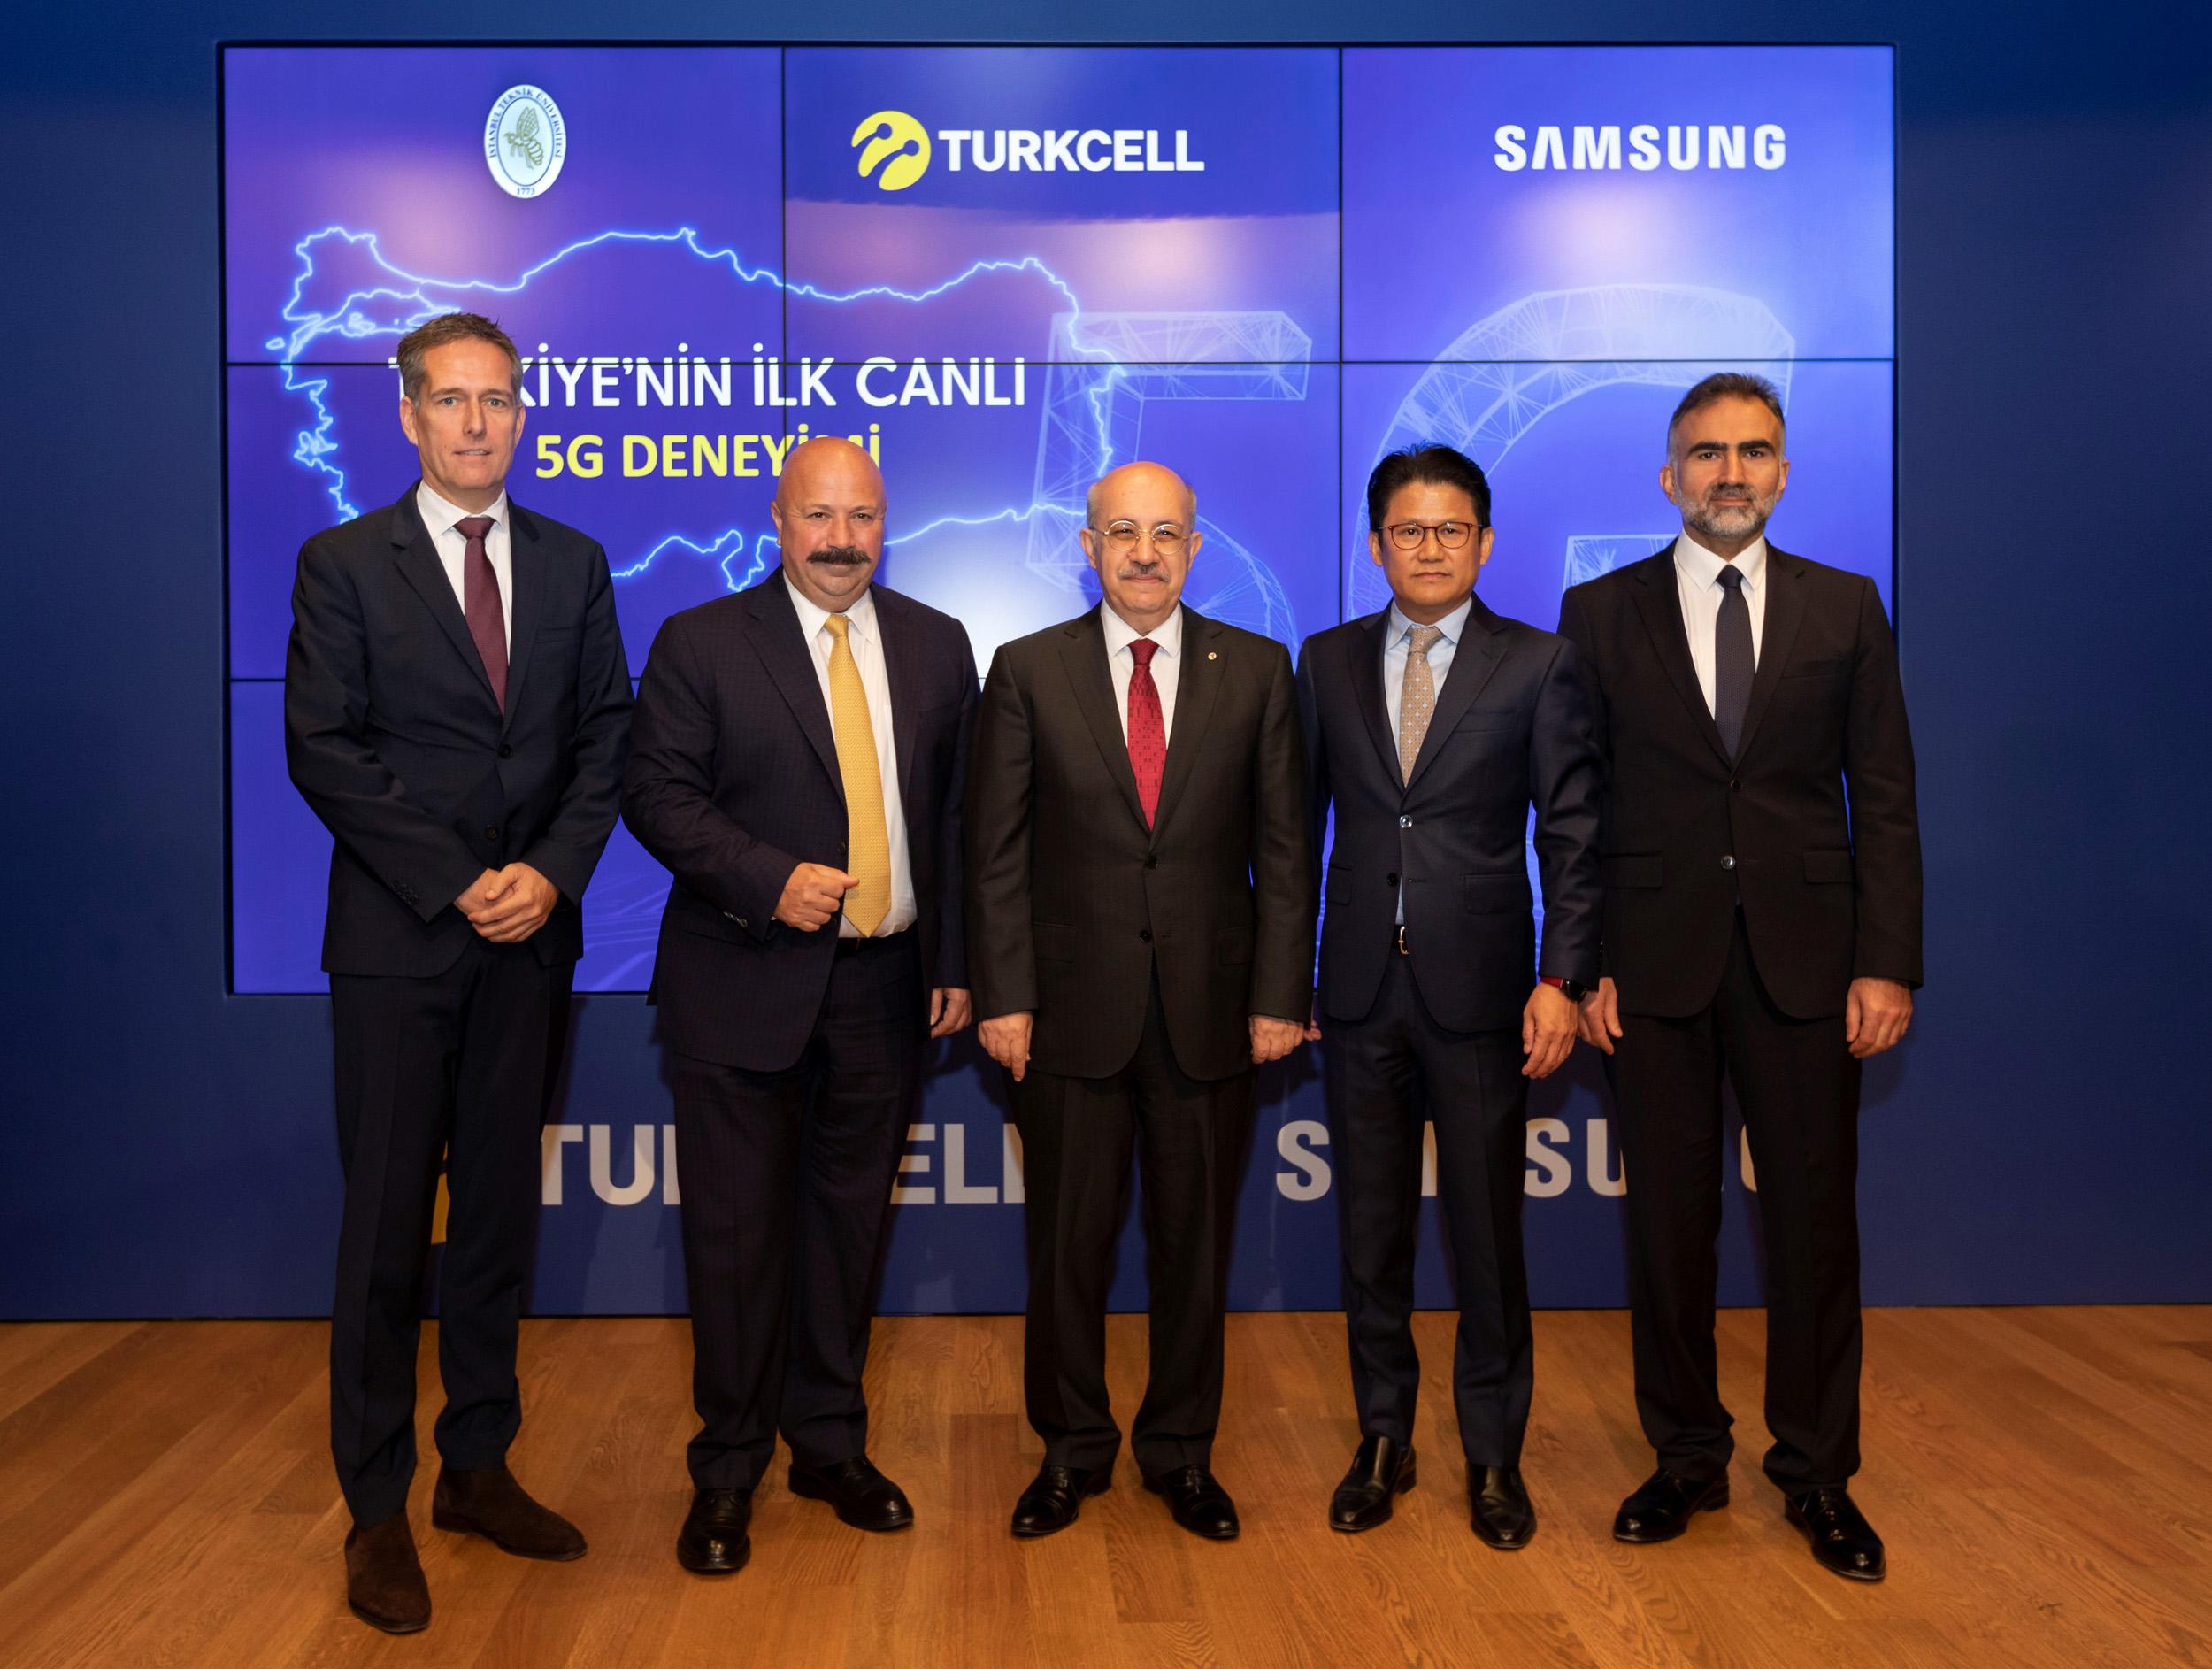 5G teknolojisi, Turkcell ve Samsung Türkiye işbirliğiyle ilk kez  deneyimlendi